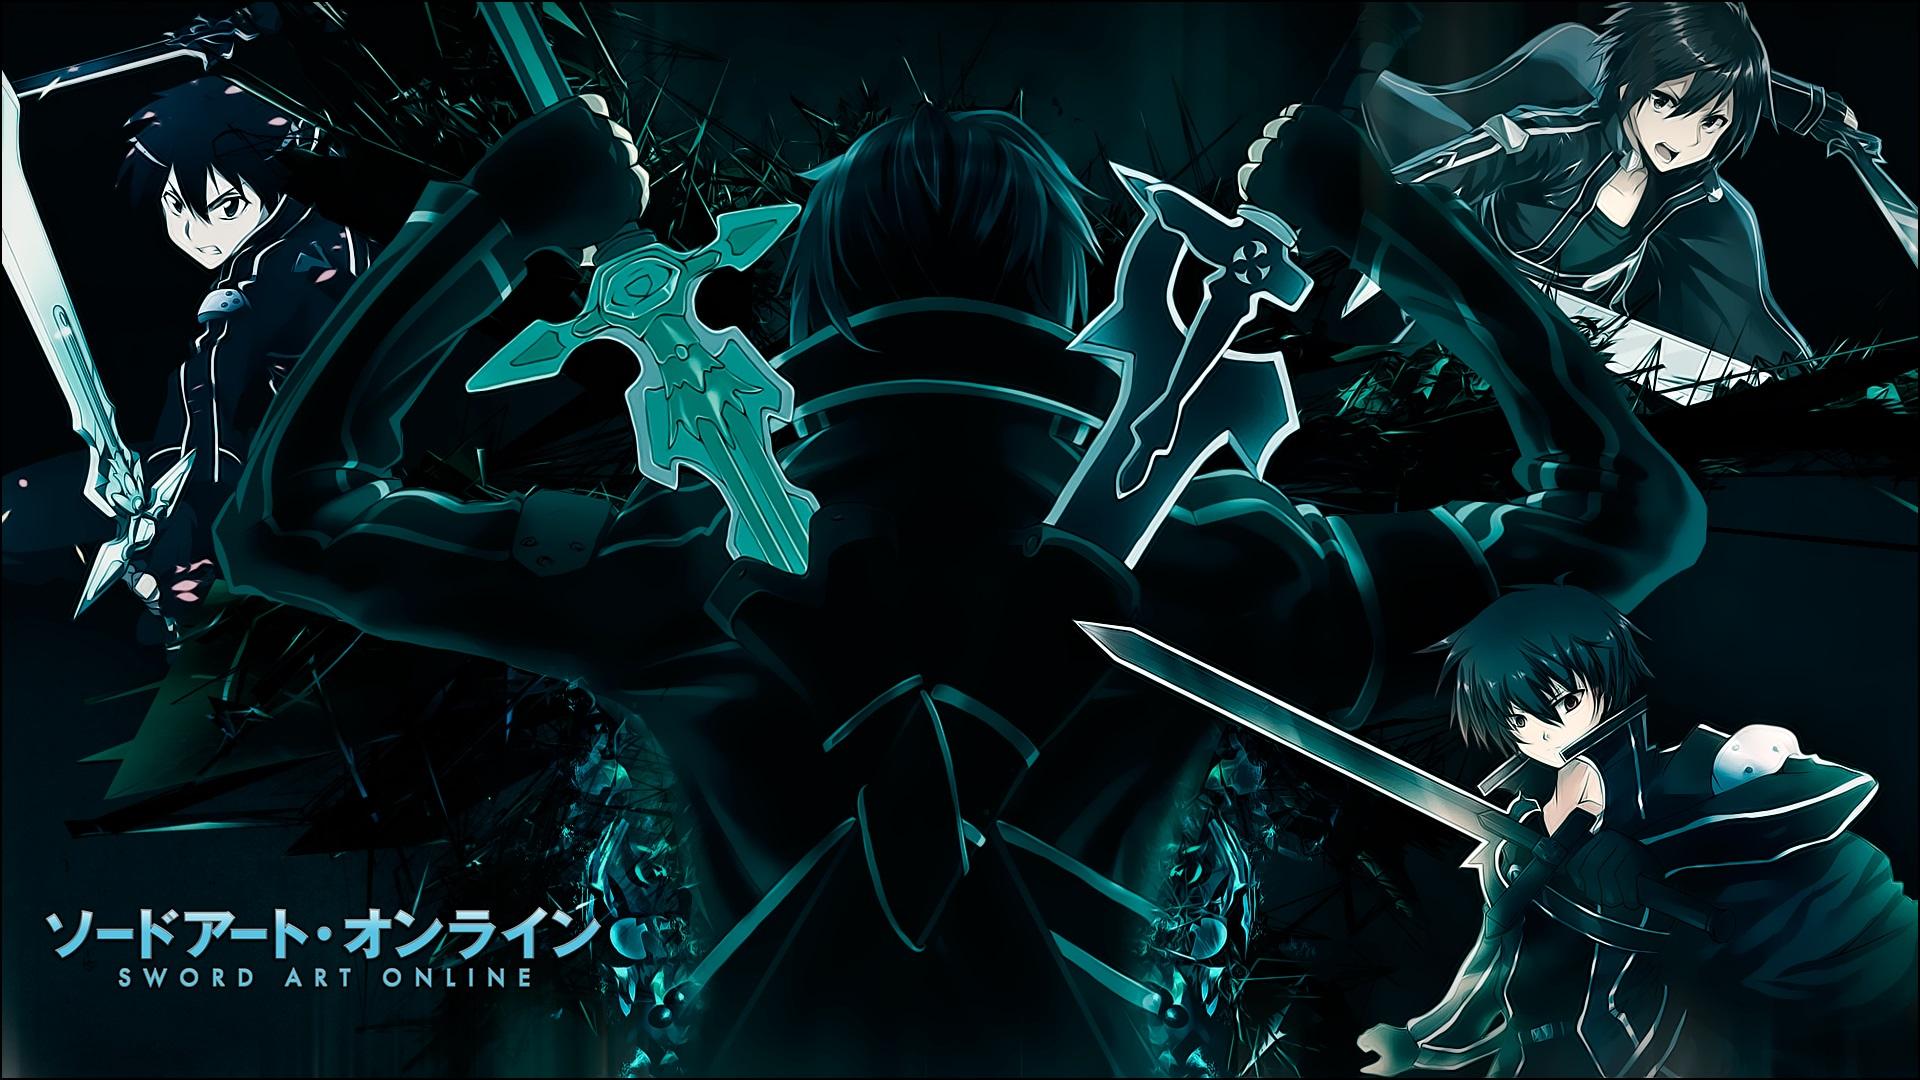 Sword Art Online wallpaper 48